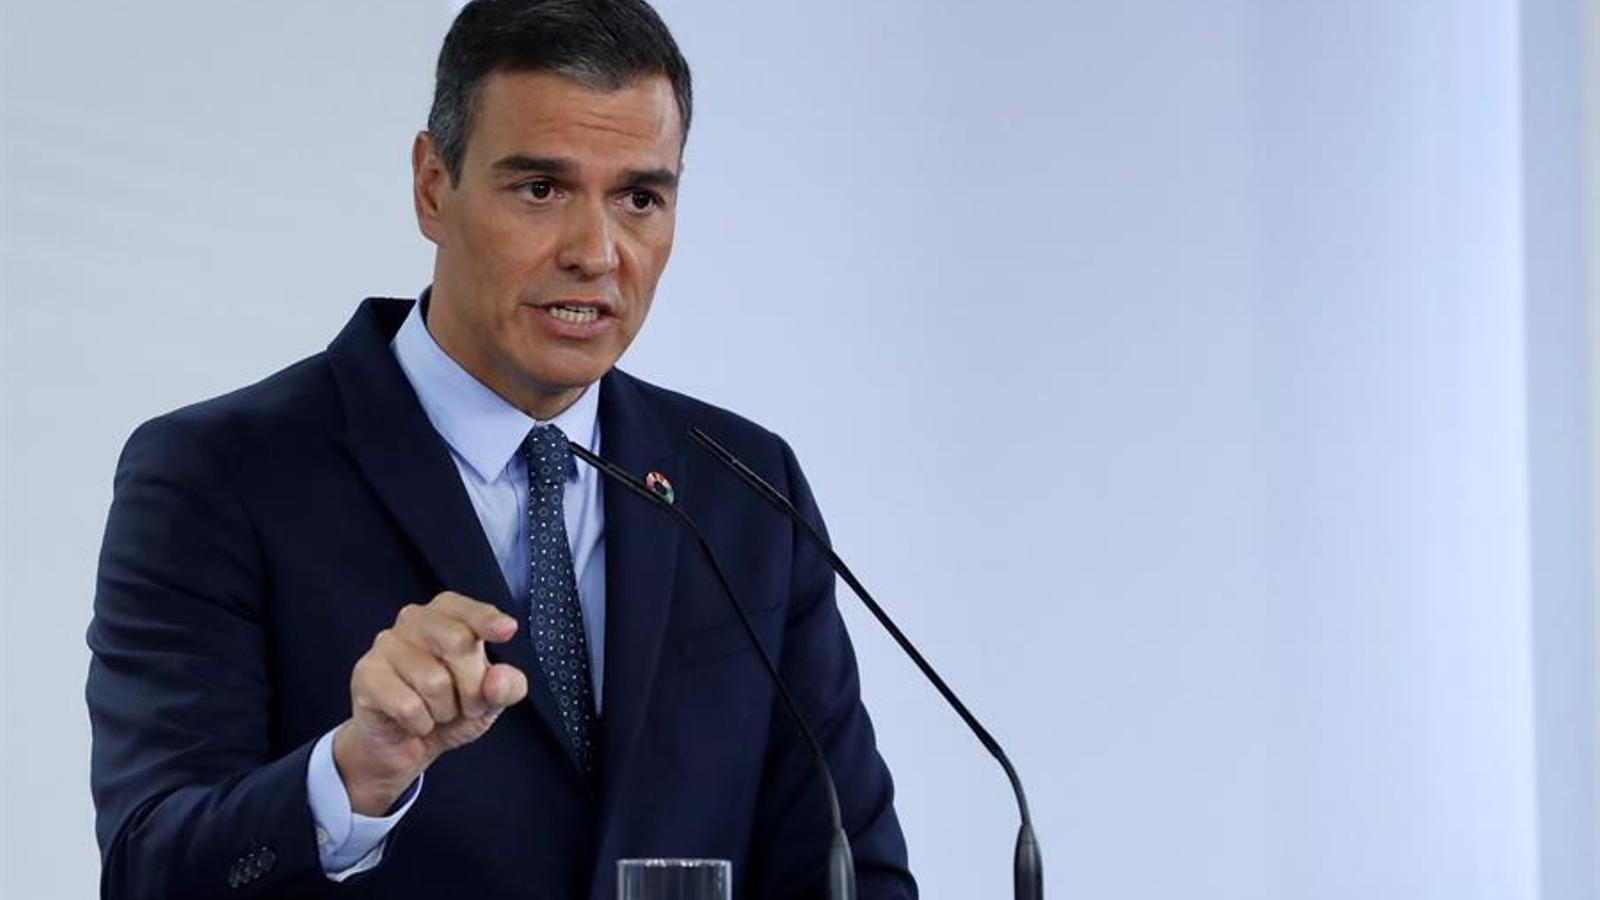 Declaració institucional de Pedro Sánchez per valorar l'evolució de la pandèmia a Espanya